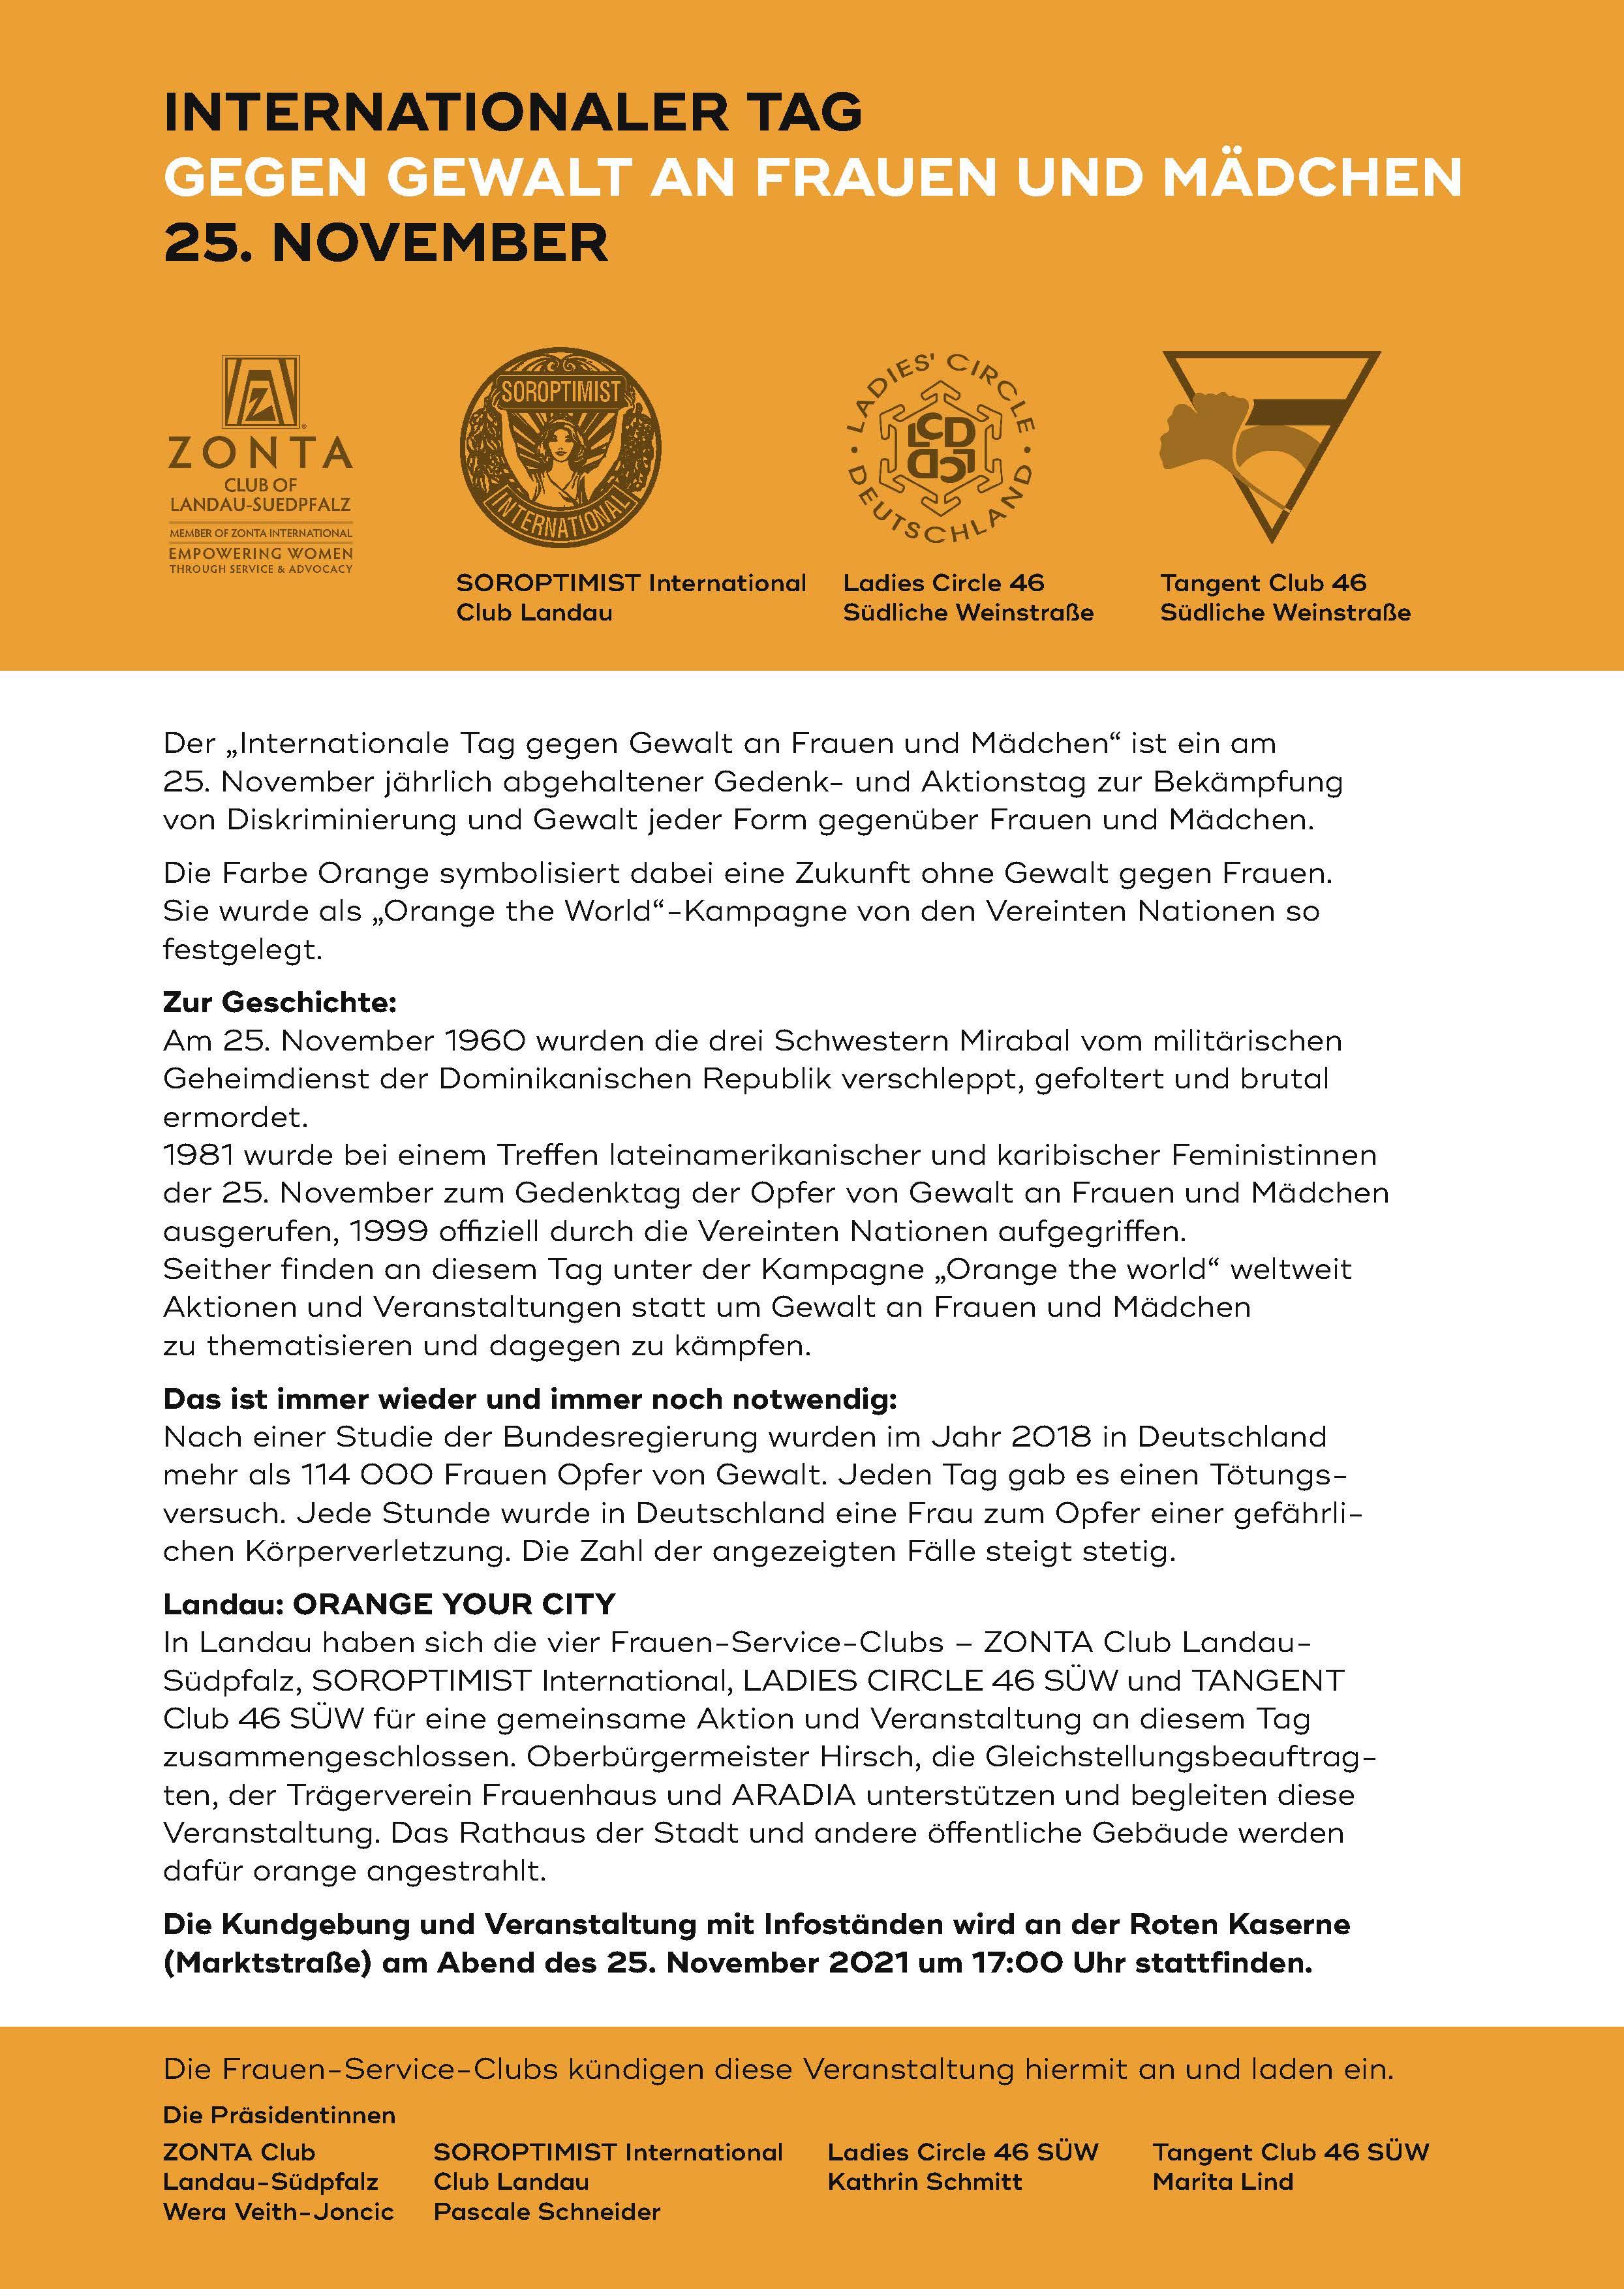 Kundgebung in Landau zum Internationalen Tag gegen Gewalt an Frauen und Mädchen 2021